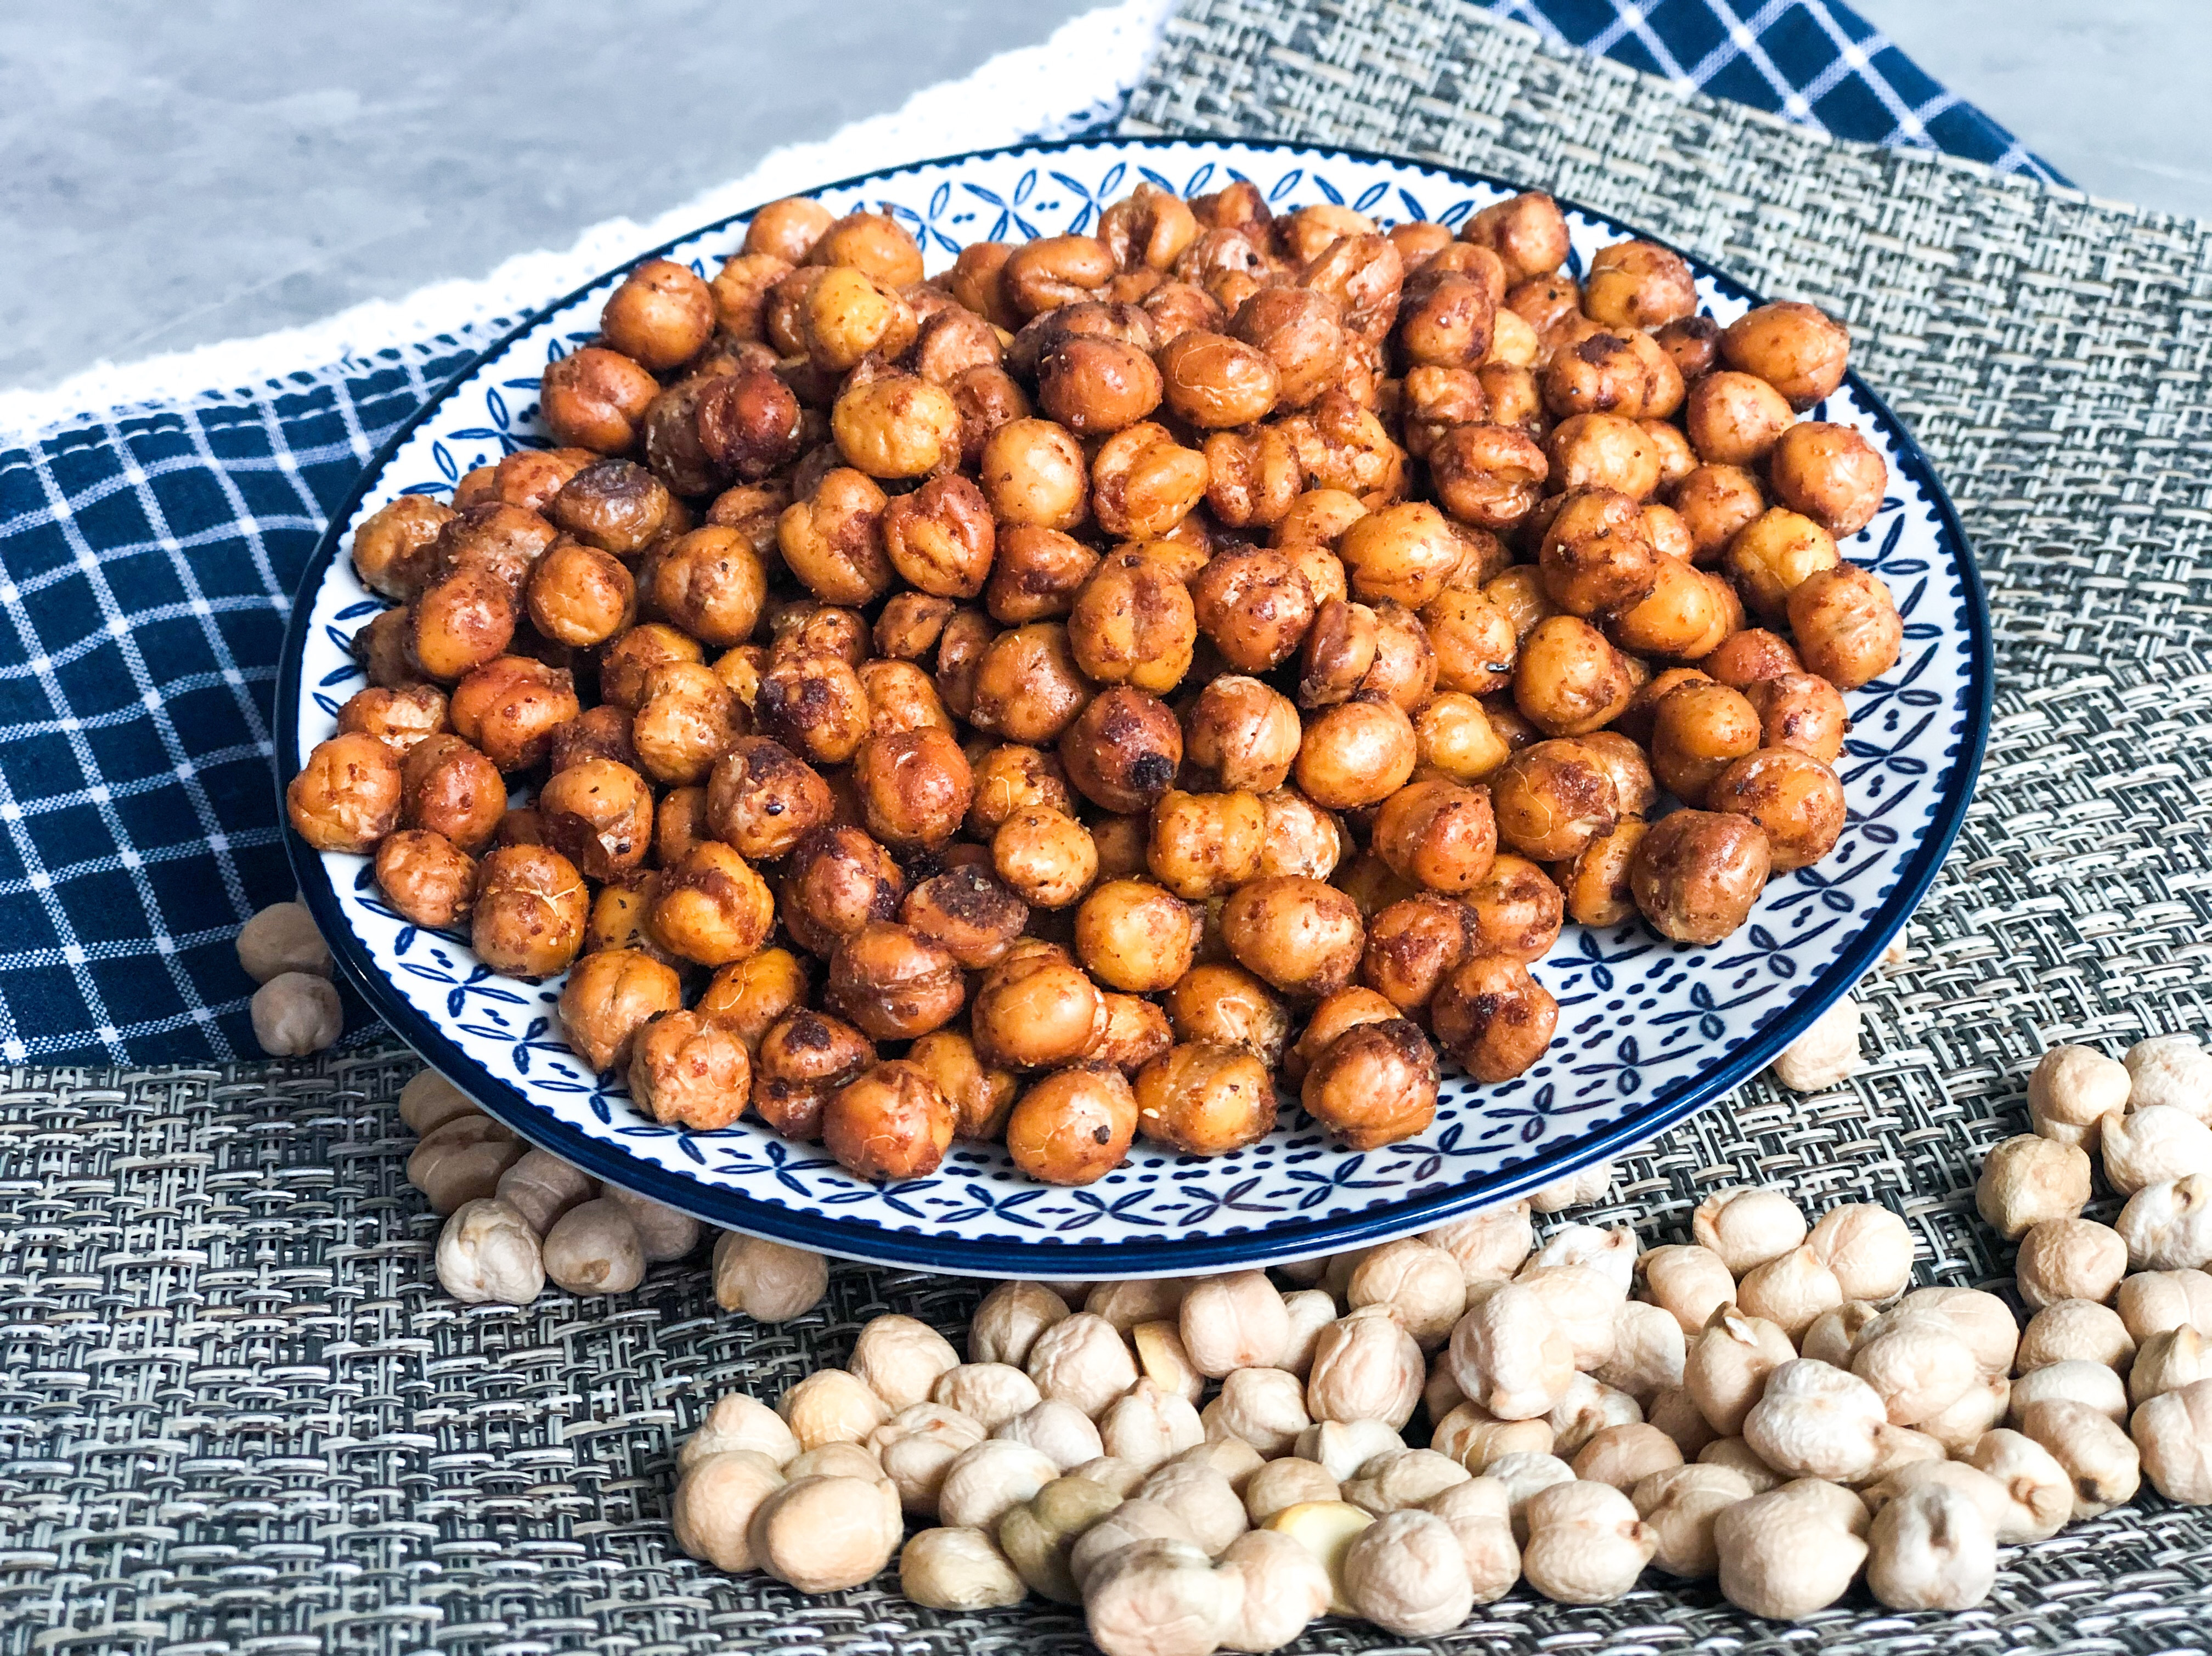 烤香脆微辣的鷹嘴豆(Chickpea)